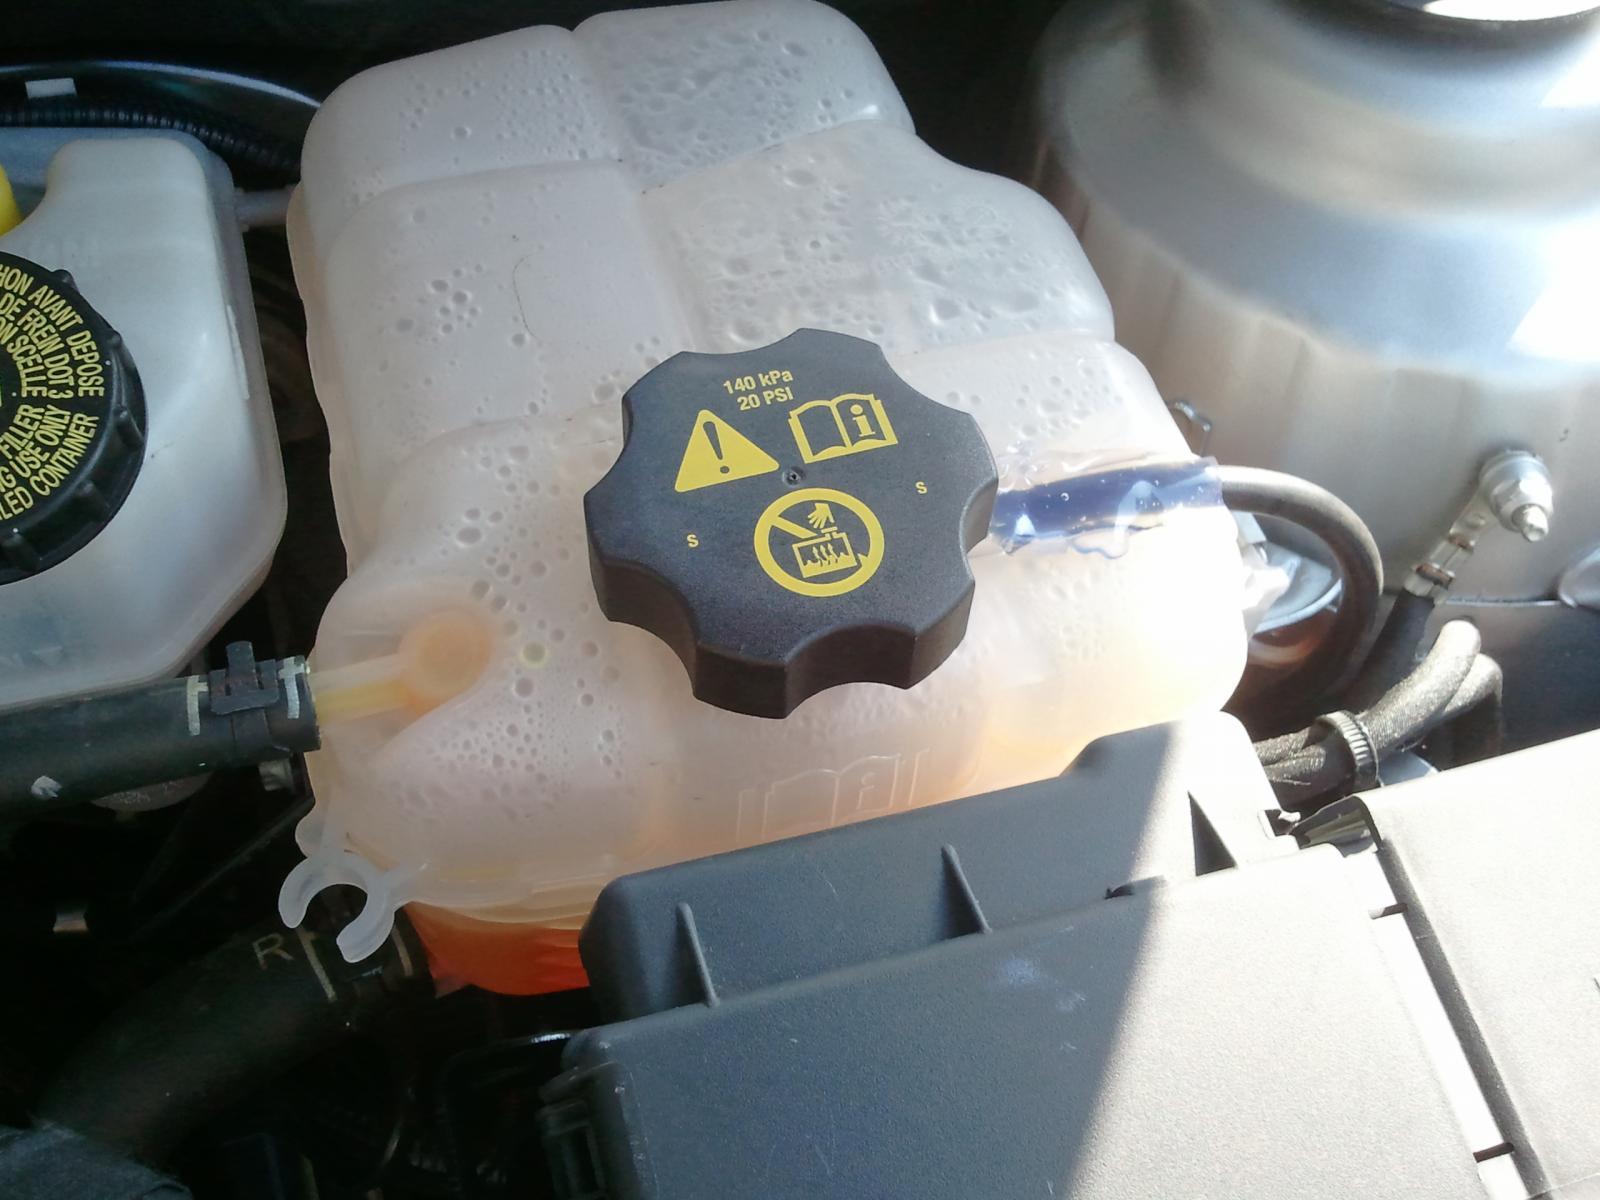 bu engine diagram automotive wiring diagrams description bu engine diagram